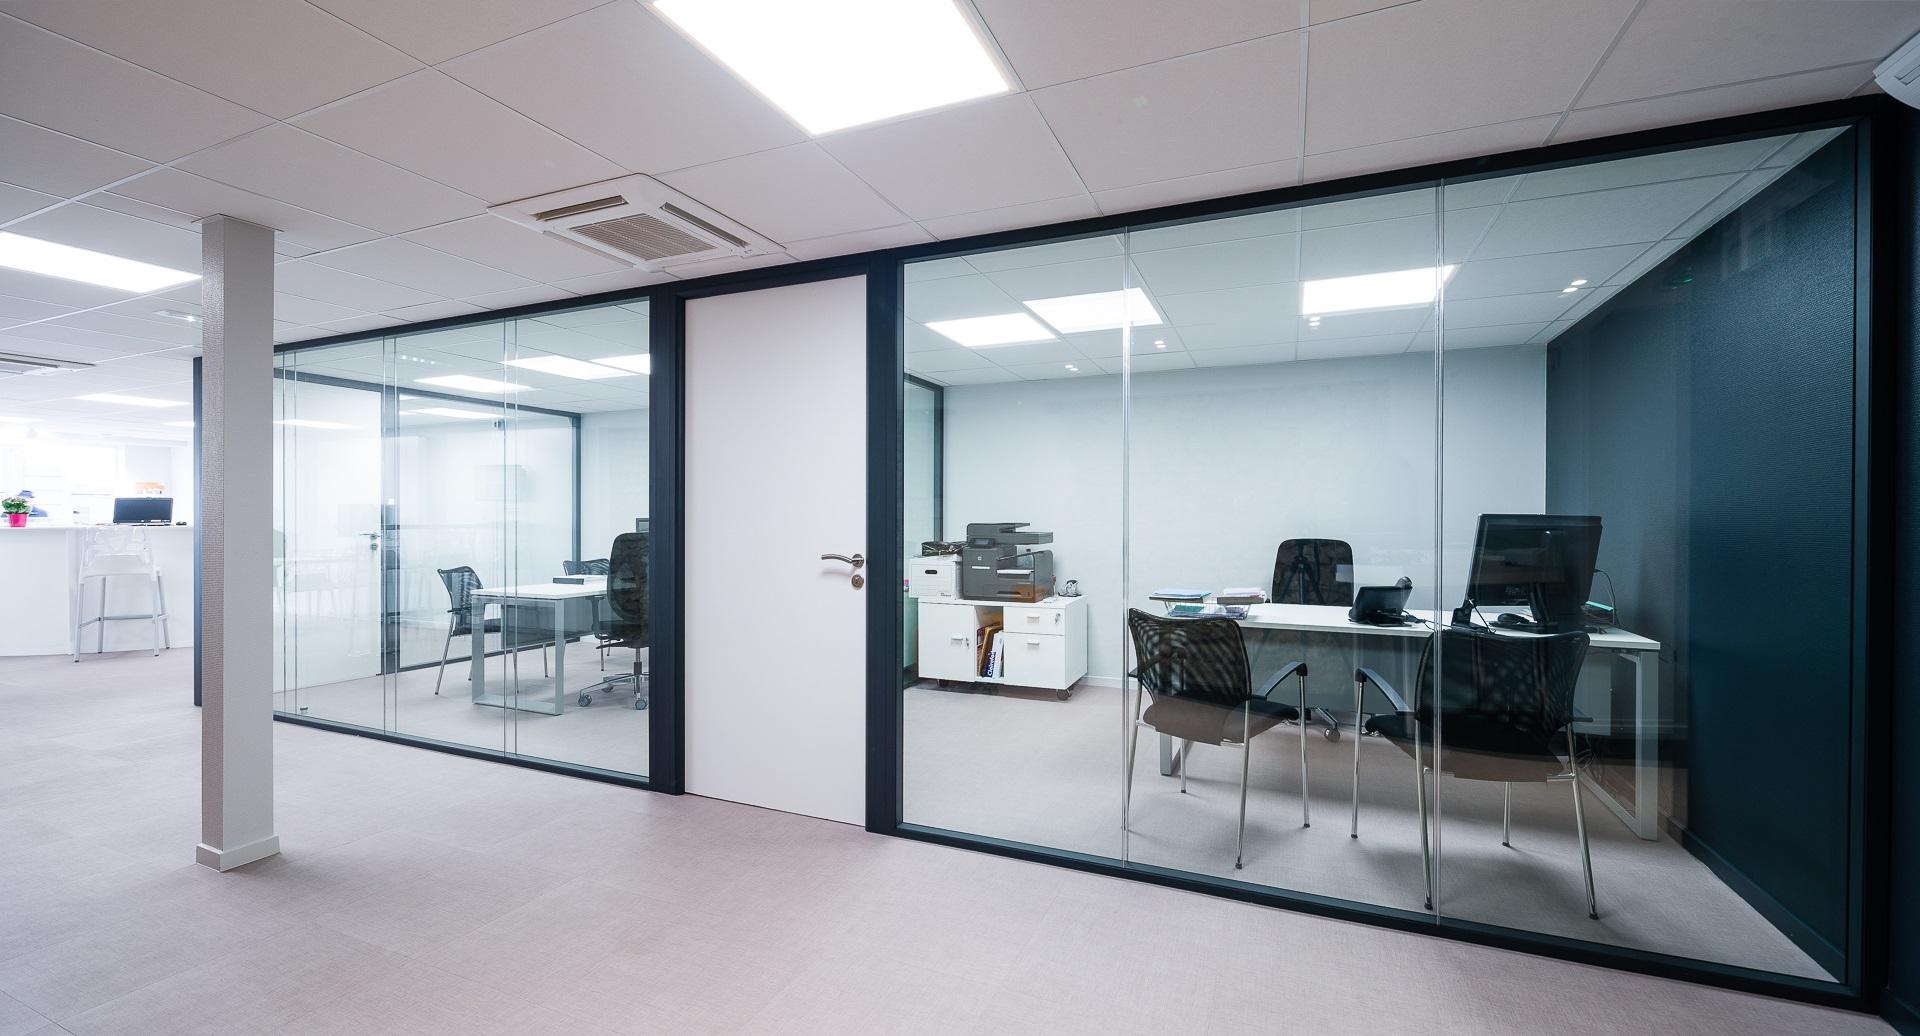 agencement bureaux cloison amovible modulaire nancy metz epinal dijon clozal. Black Bedroom Furniture Sets. Home Design Ideas